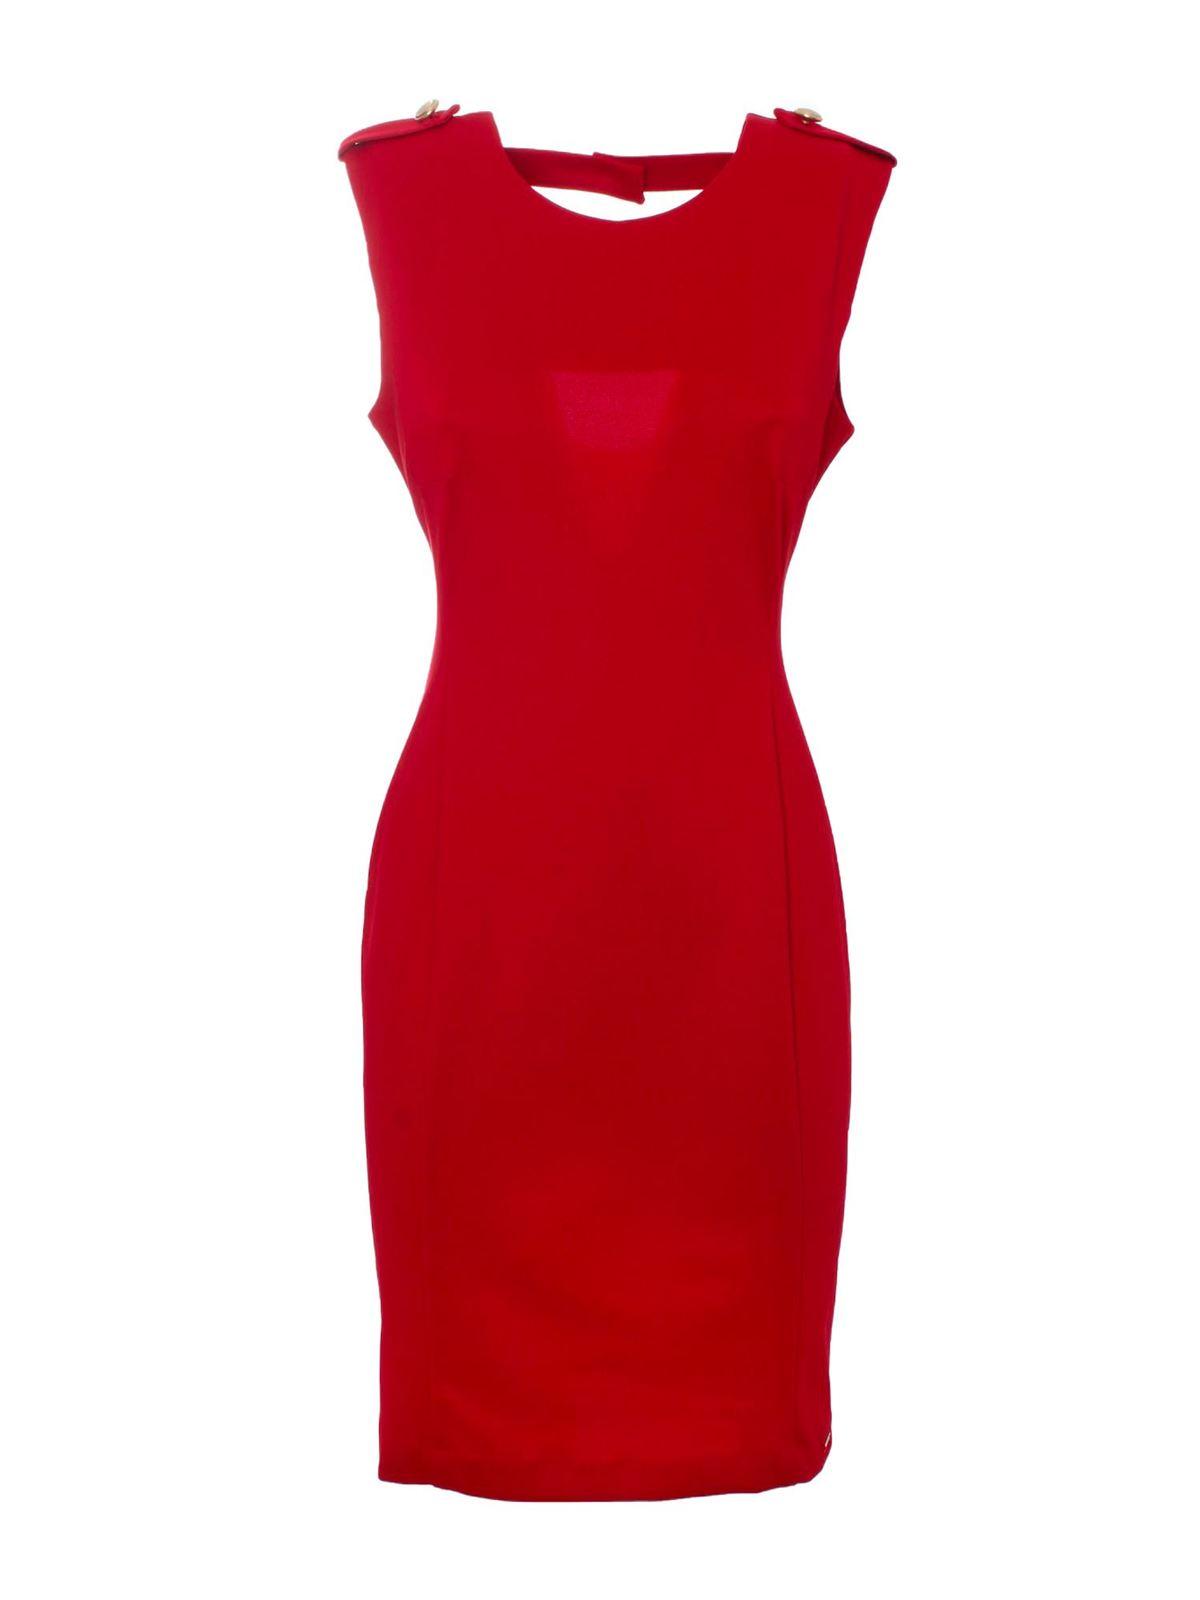 Liu •jo MILANO STITCH DRESS IN RED